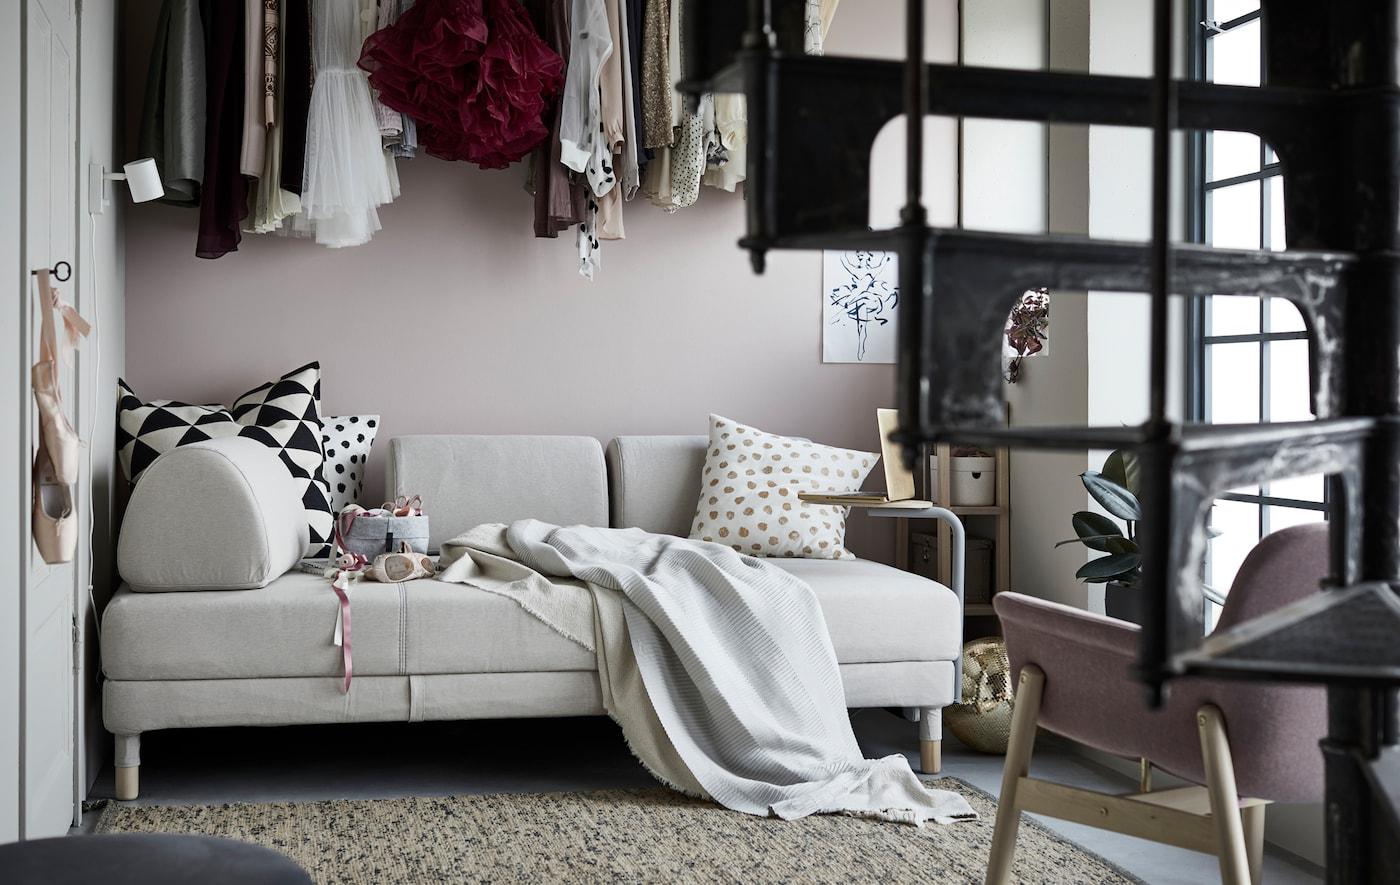 无论你喜欢什么活动,舒适便利的宜家 FLOTTEBO 弗罗特博 沙发床都可以成为你的活动中心。